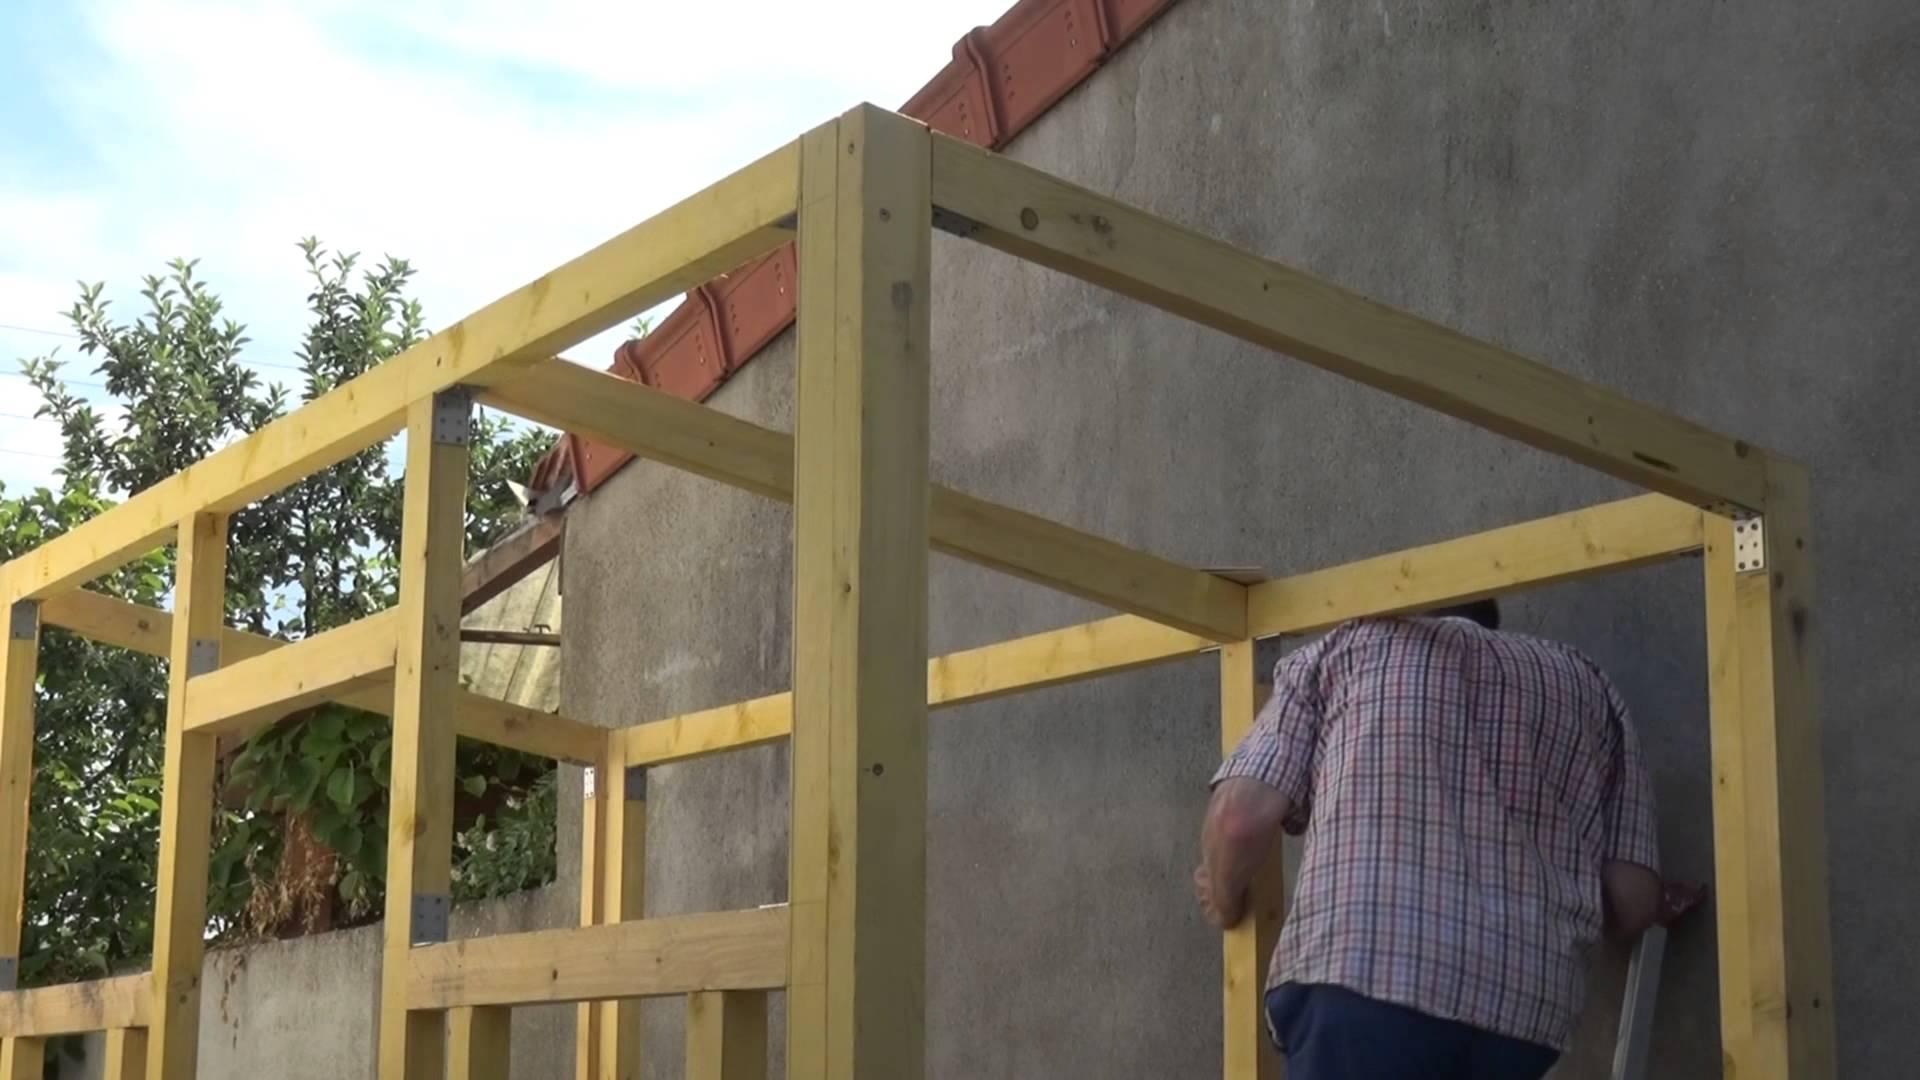 Construire Abri De Jardin Des Idées - Idees Conception Jardin destiné Construction Cabane De Jardin